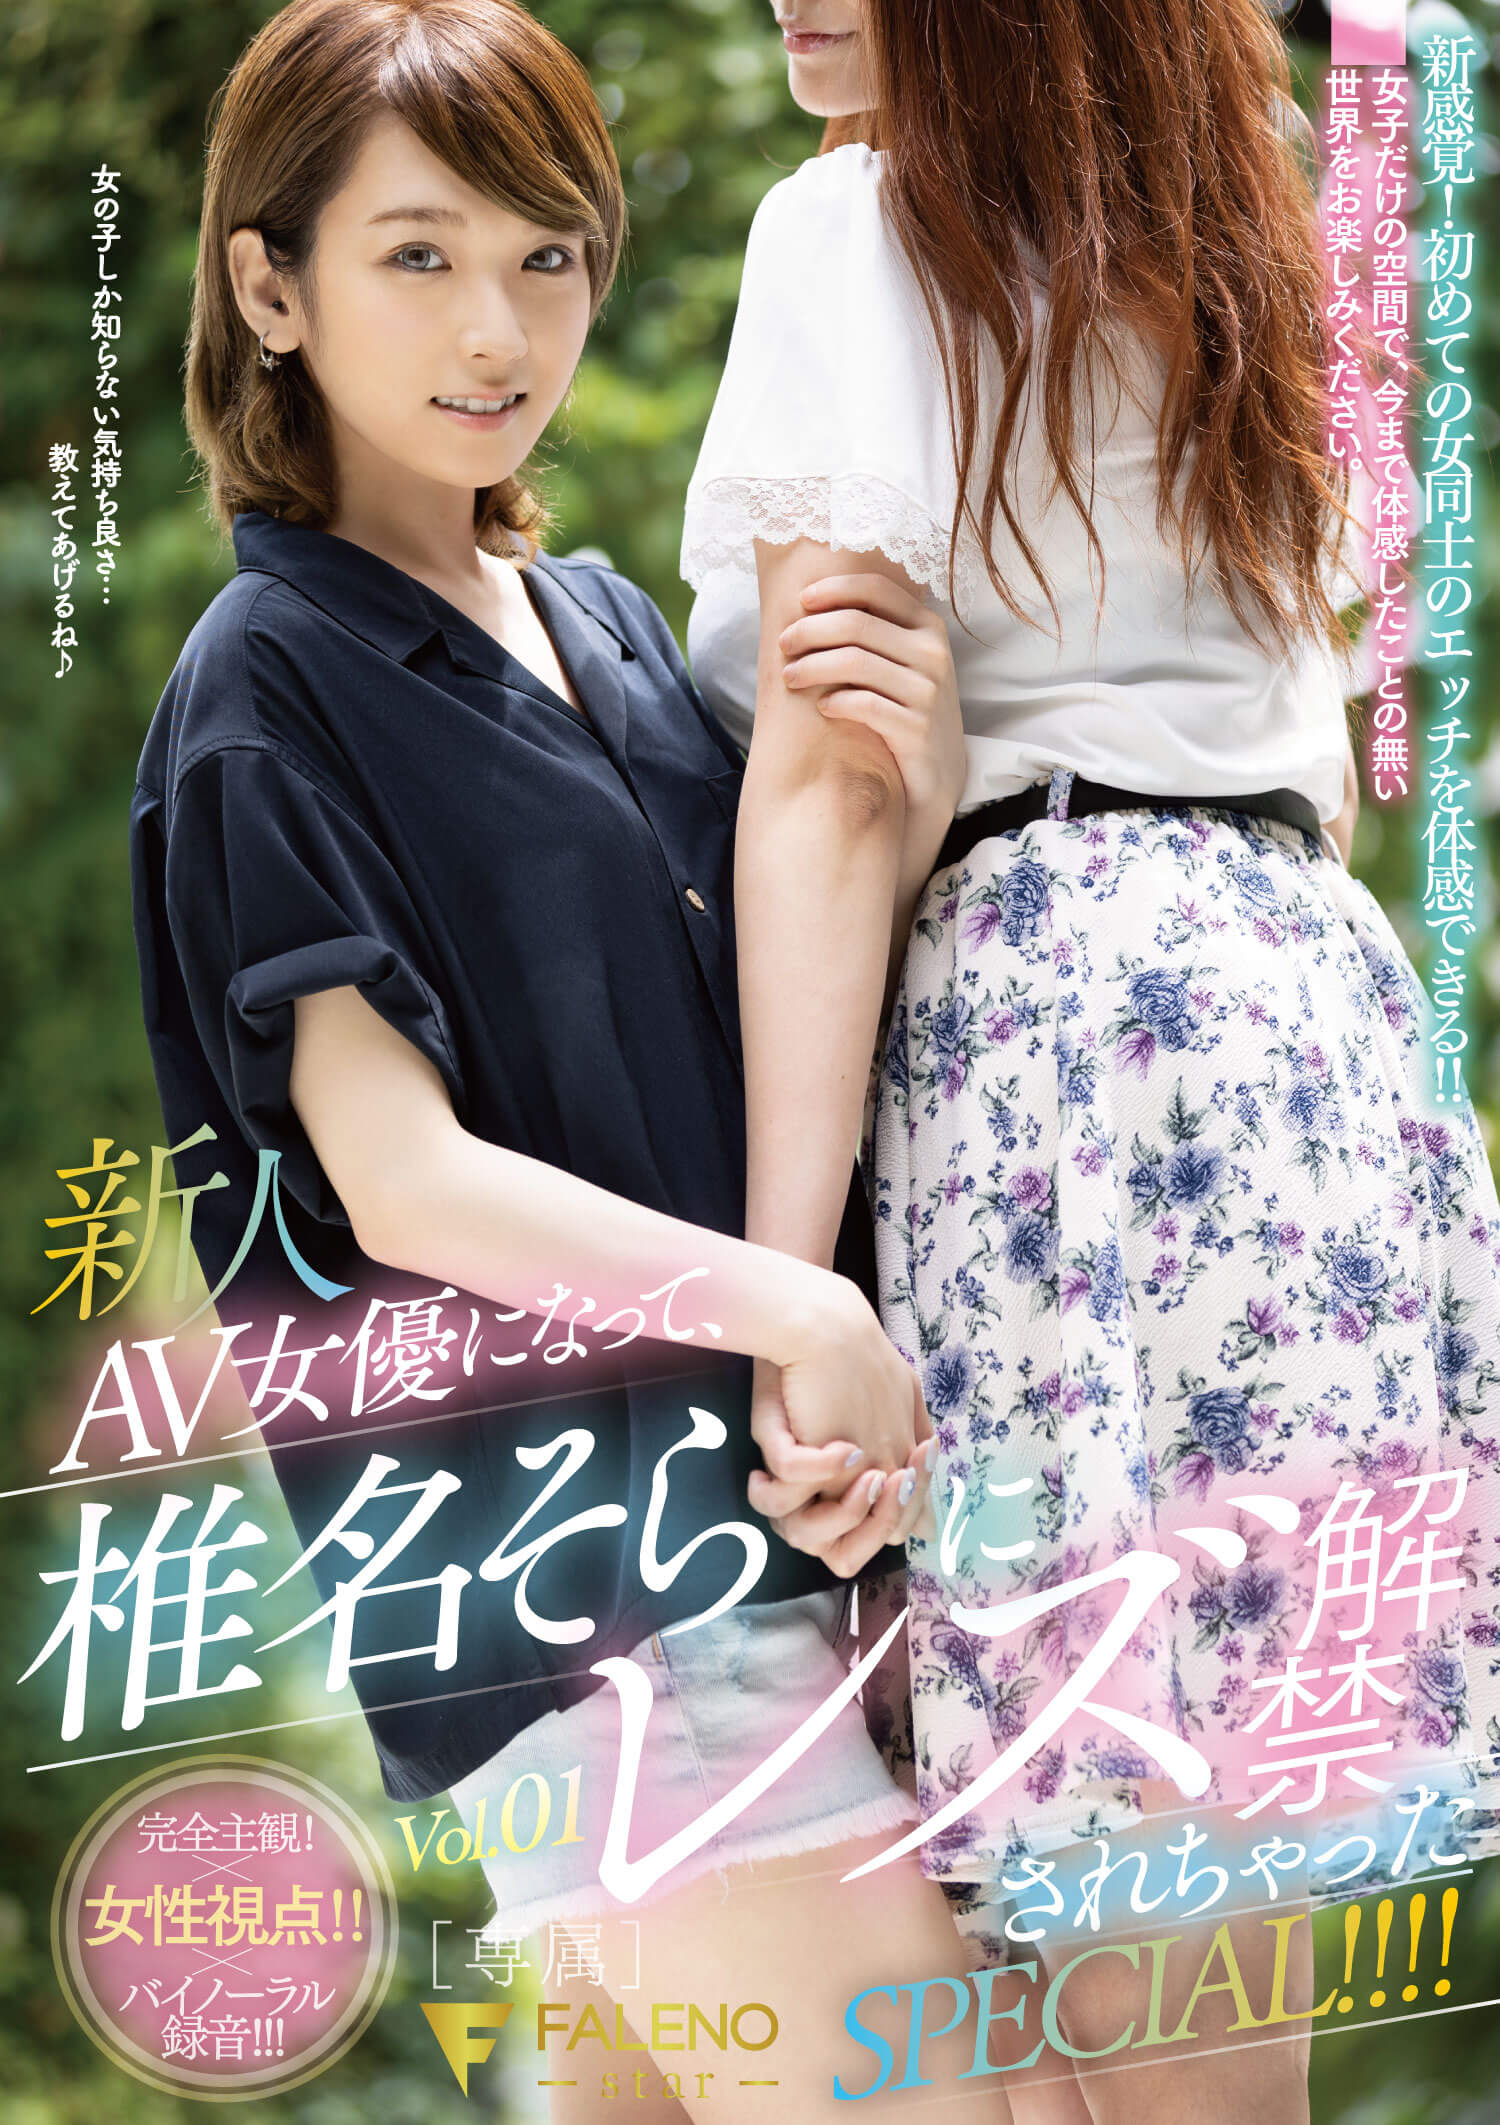 新人AV女優になって、椎名そらにレズ解禁されちゃったSPECIAL!!!! 椎名そら Vol.1